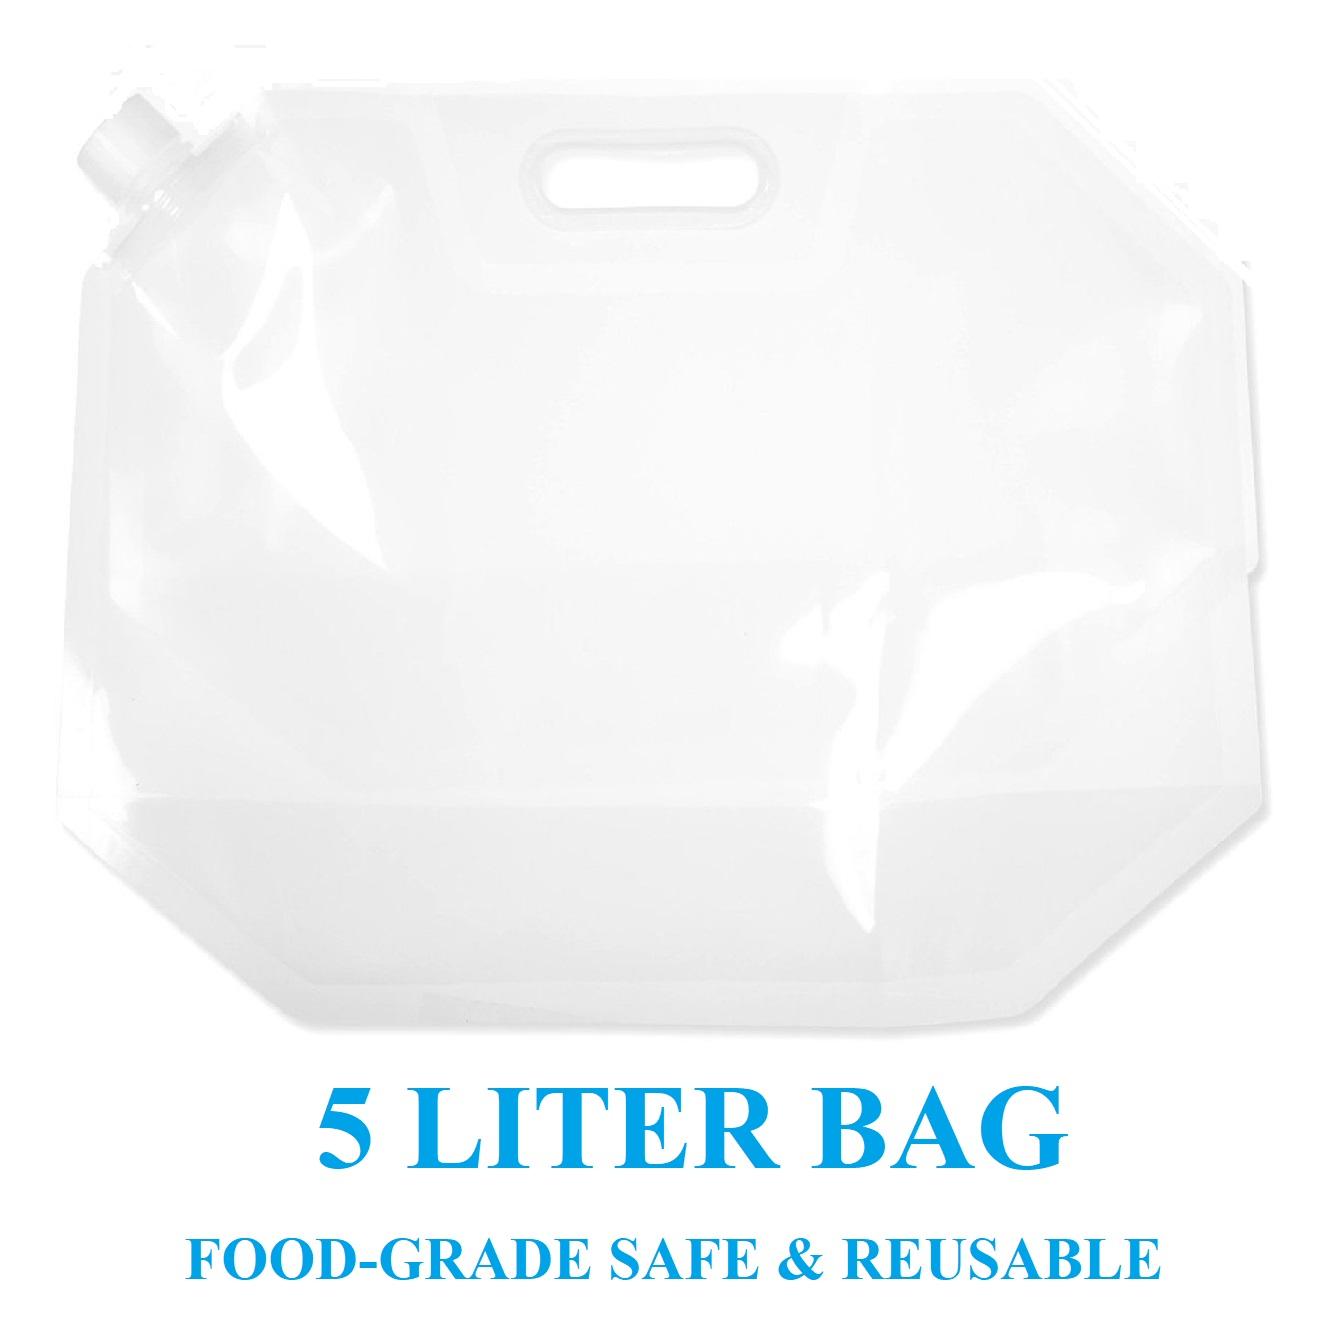 5-liter-bag.jpg